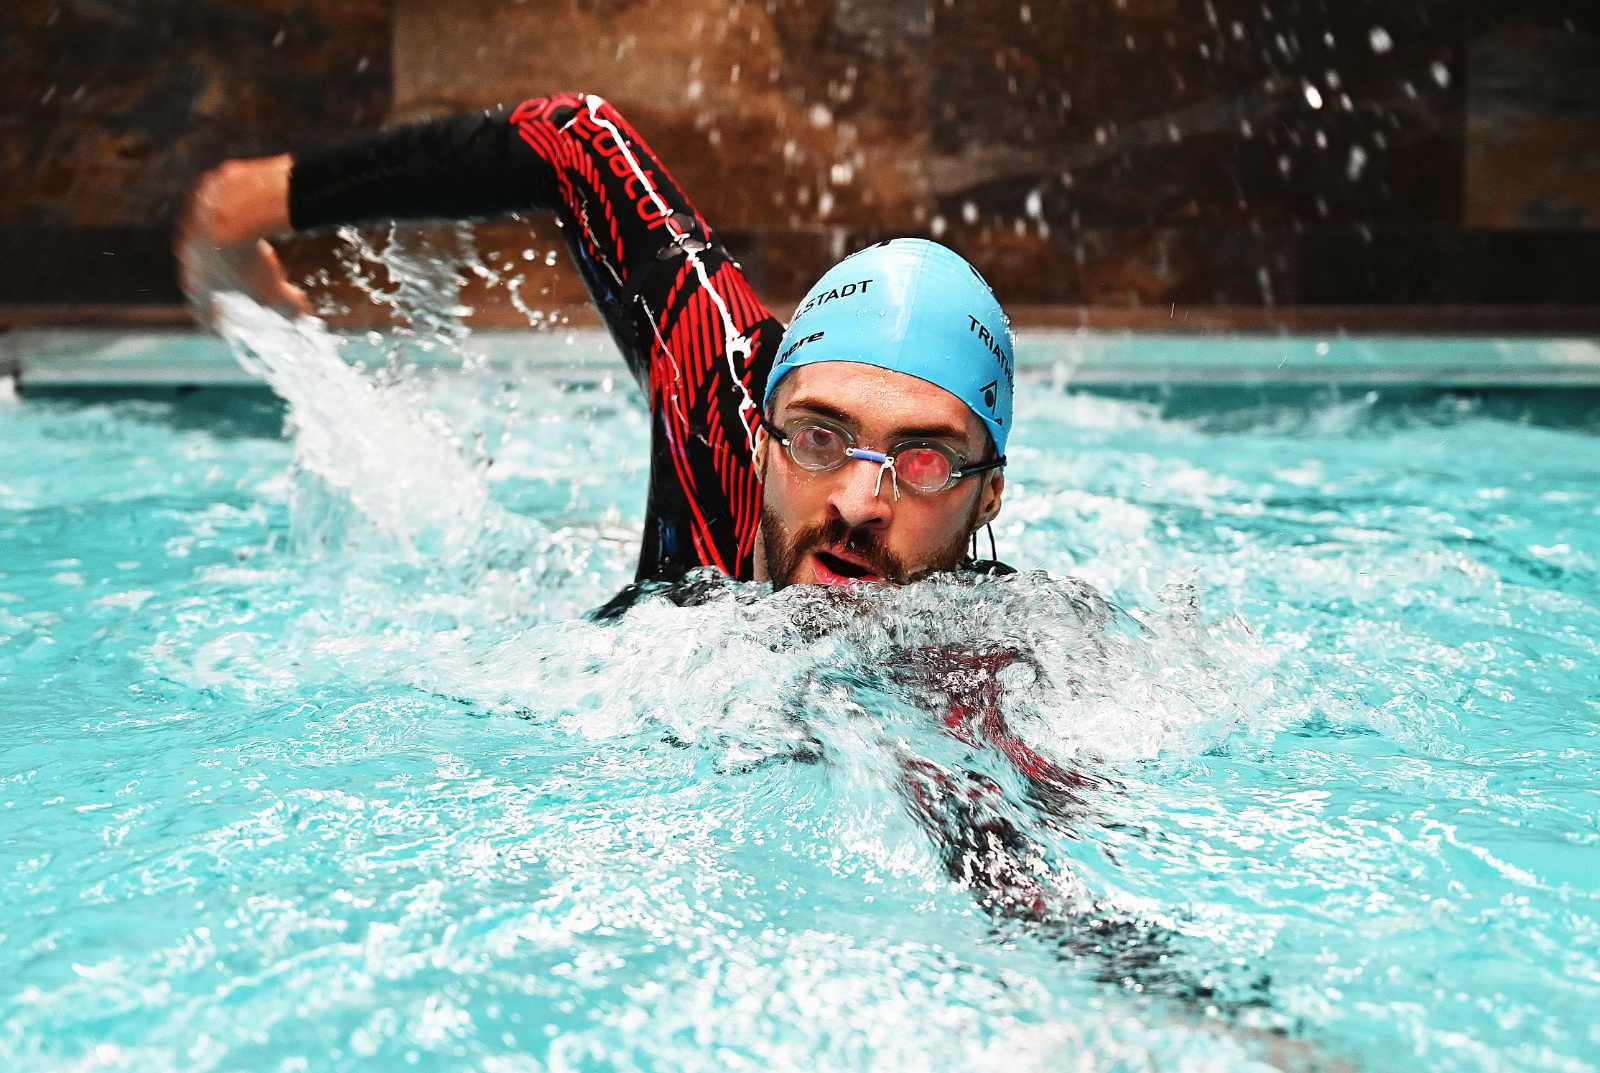 Schwimmkanal - Ingolstadt Schwimmer